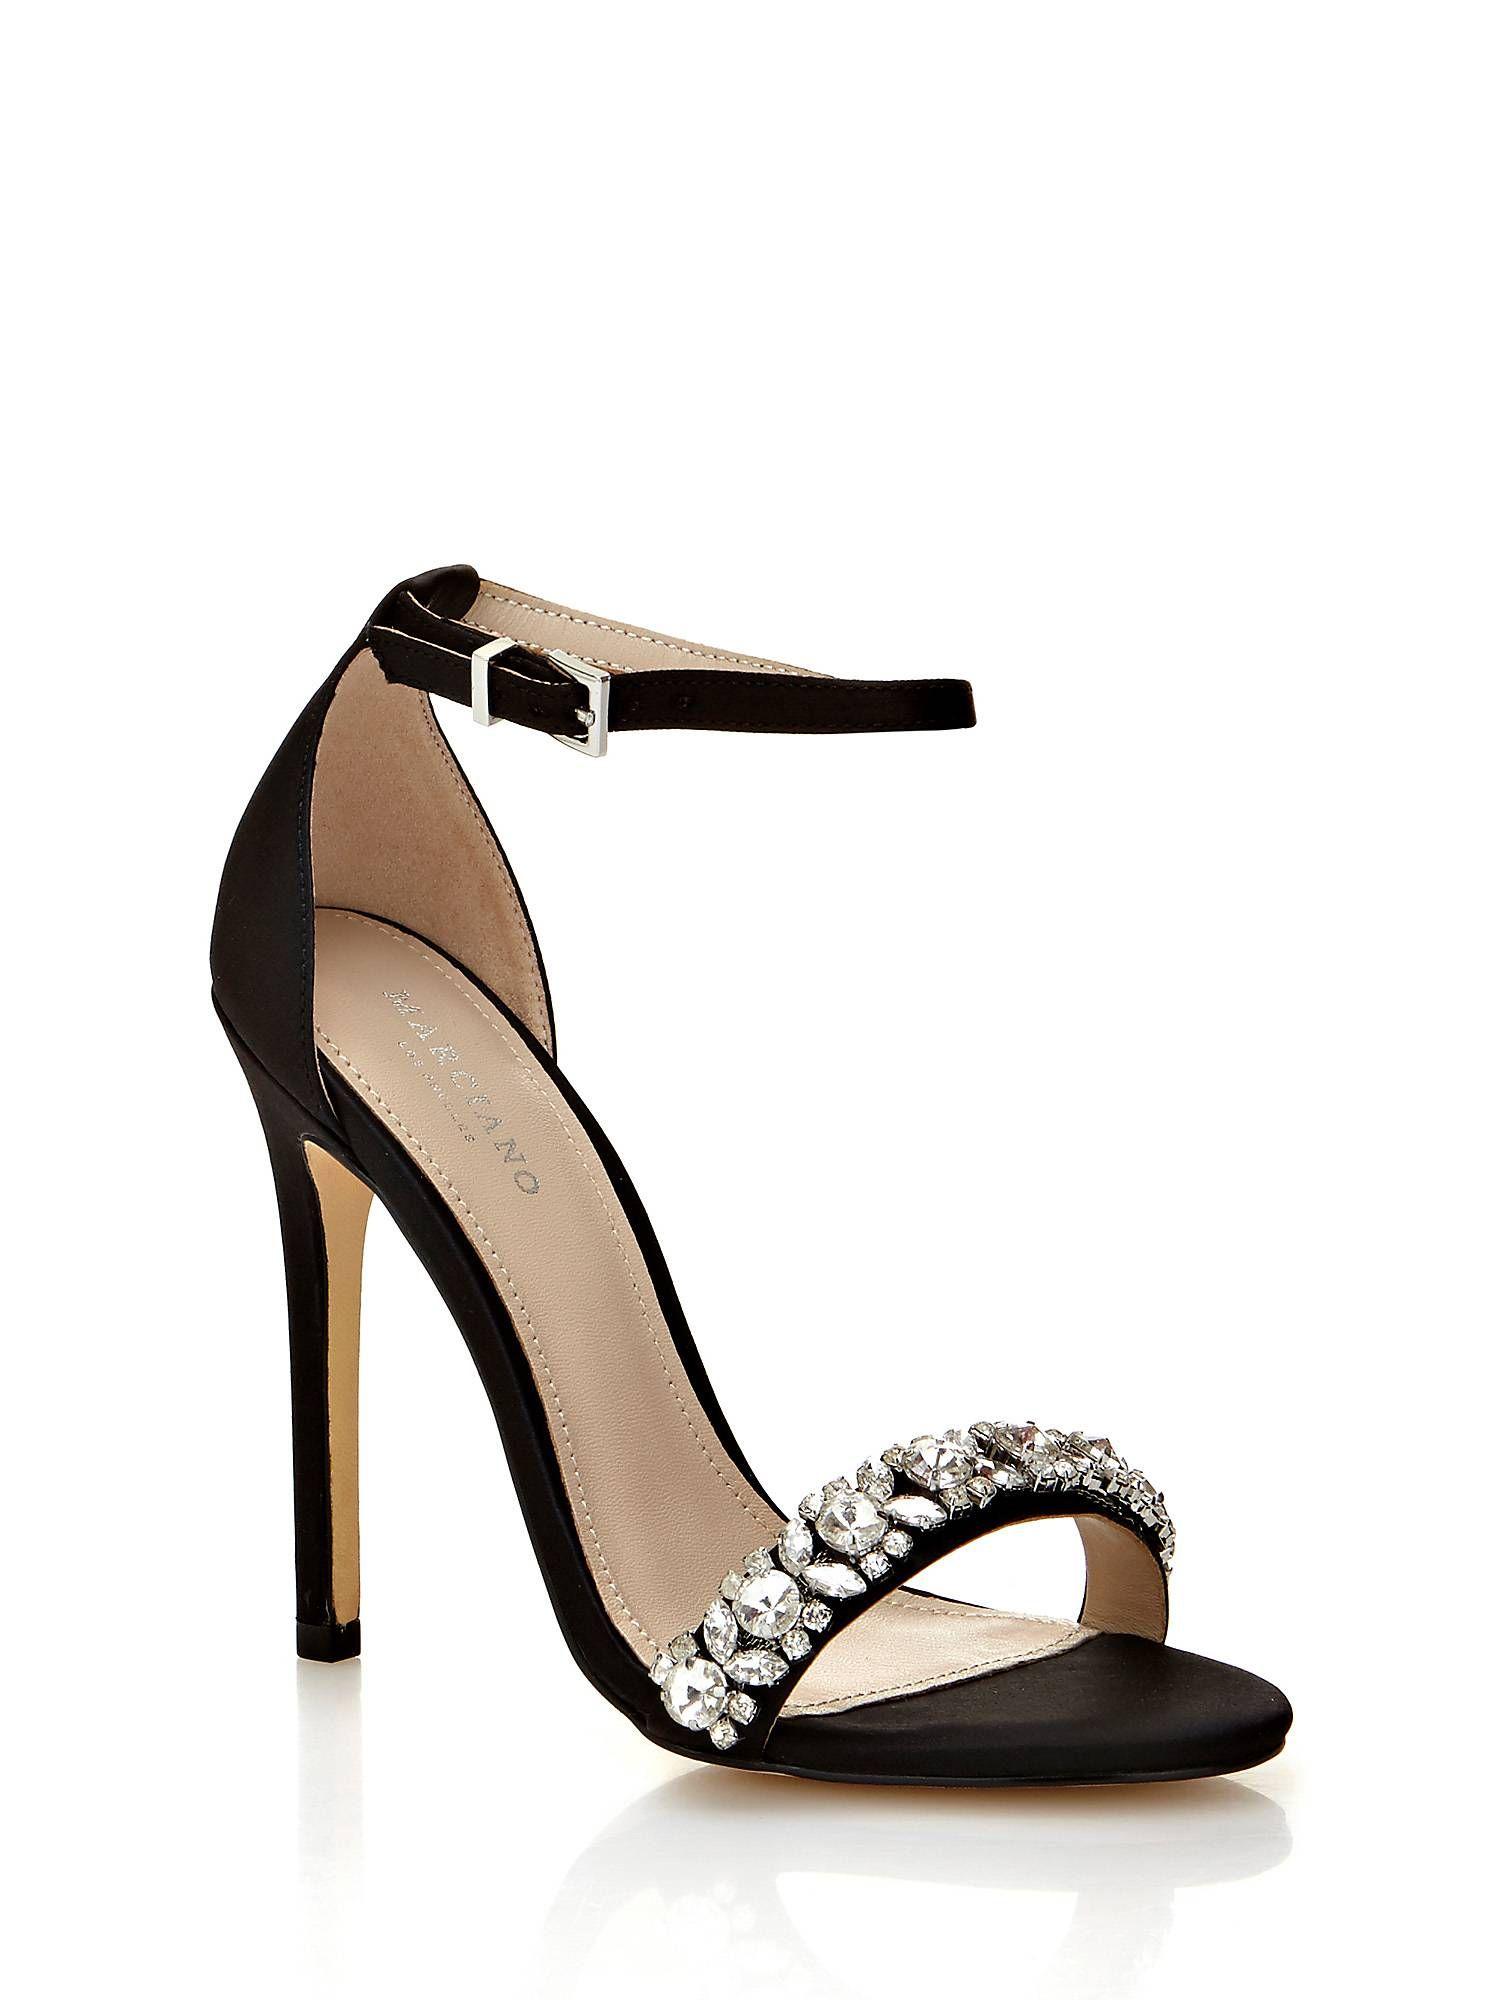 Sandalias de tacón con Strass 😍 Guess Primavera Verano 2018 Zapatos de  mujer👠  moda  fashion  zapatosdetacon  zapatosdemujer  tendenciasdemoda 165363295b08